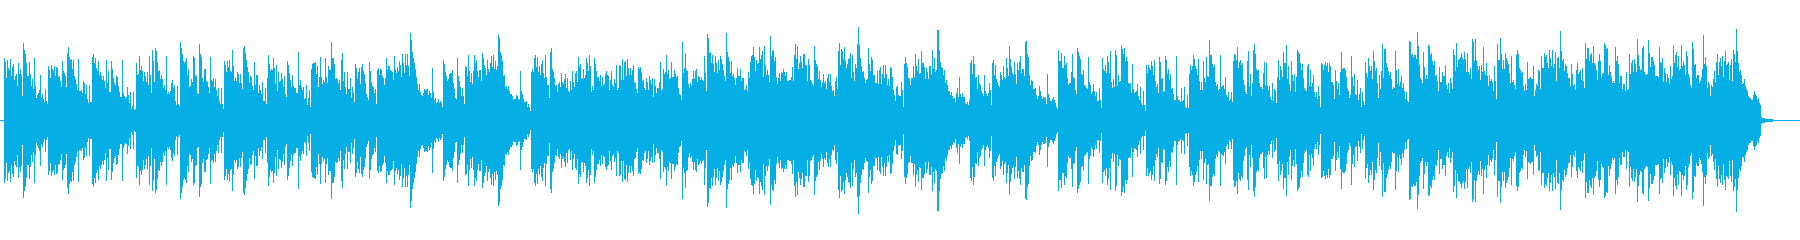 水辺にいるようなヒーリング系ストリングスの再生済みの波形